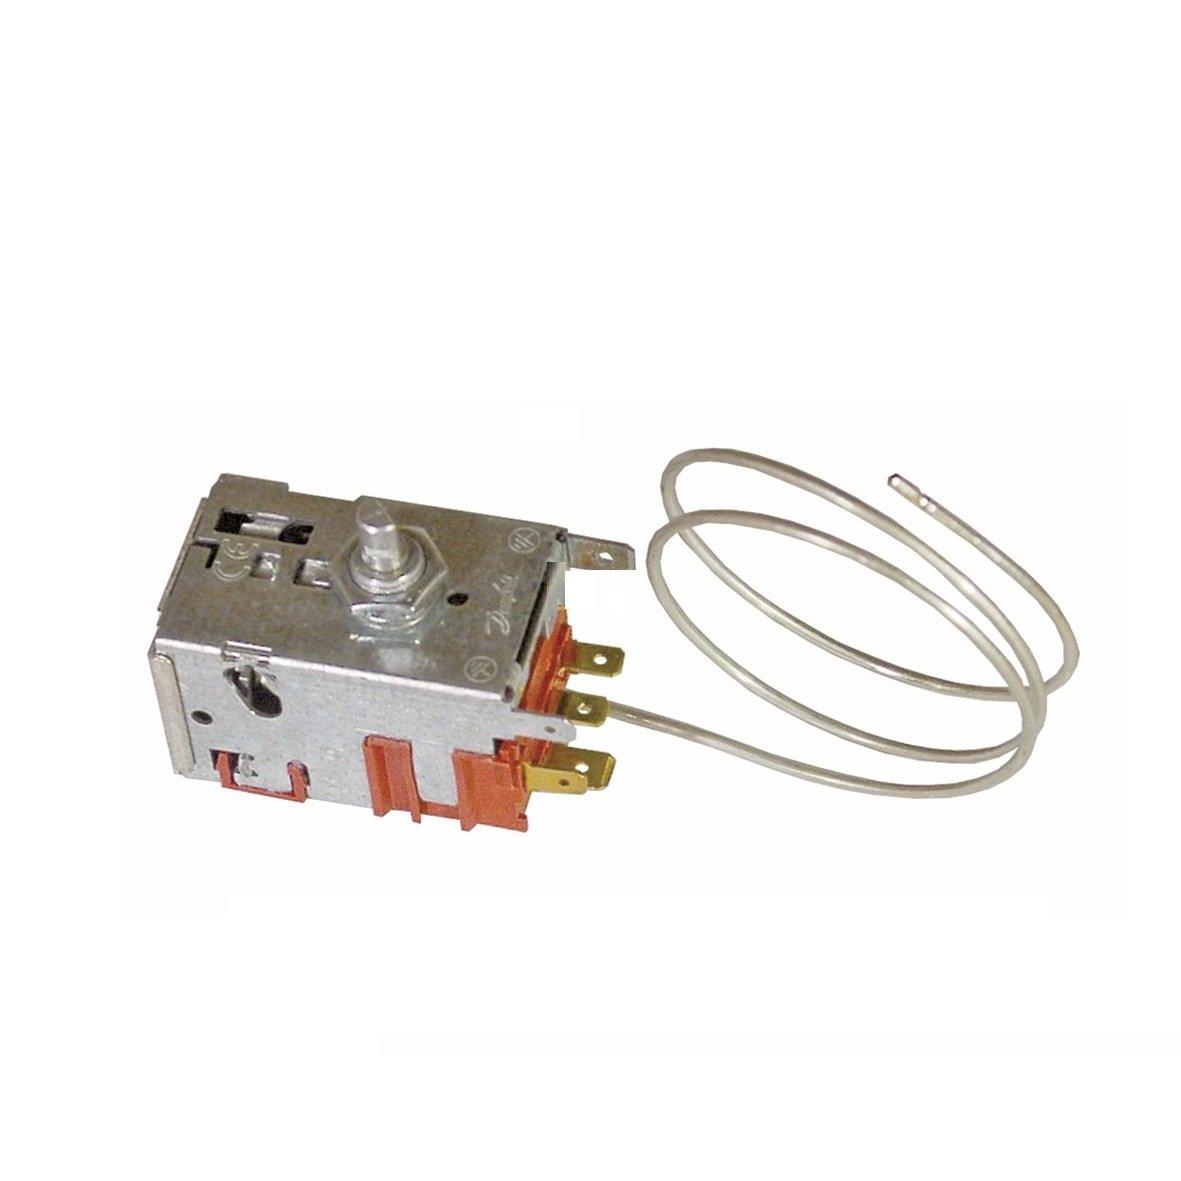 Bosch Siemens Thermostat 170157 / 077B6698 für 0-Sterne ...